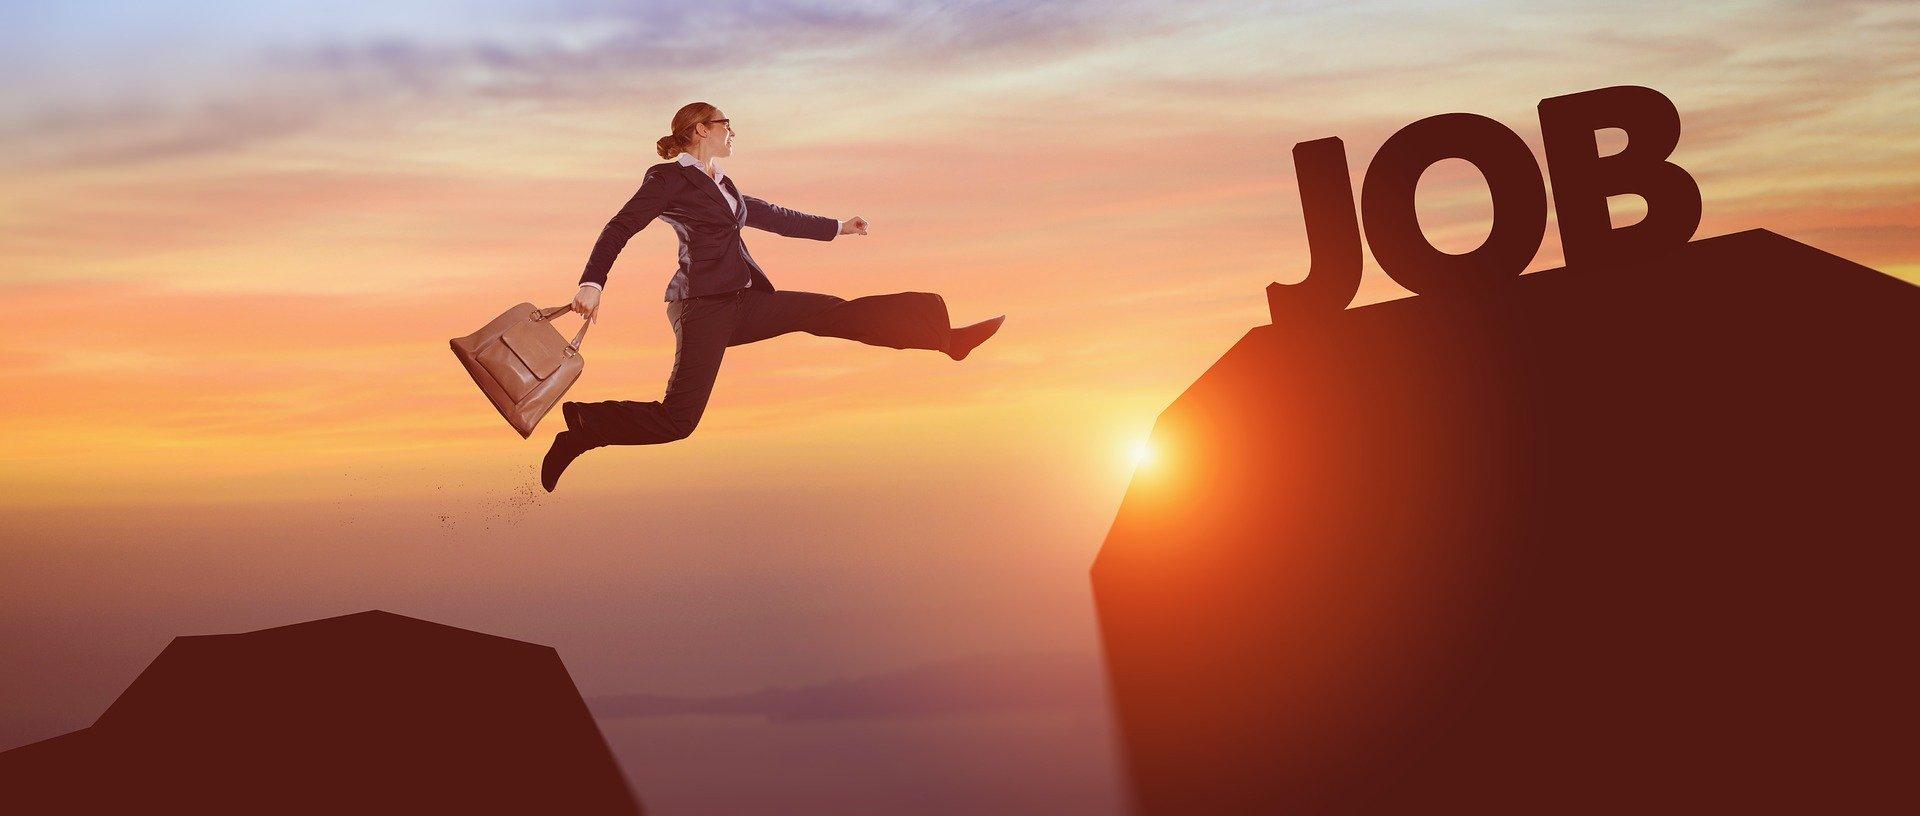 副業を本業にしたい!将来の独立を見据えて始めるおすすめの副業5選